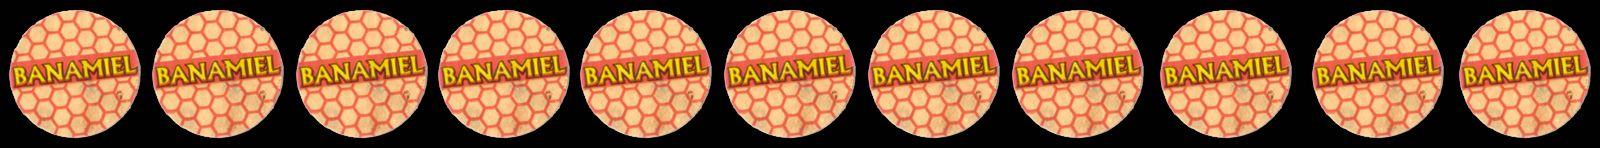 Etiquette_Banamiel